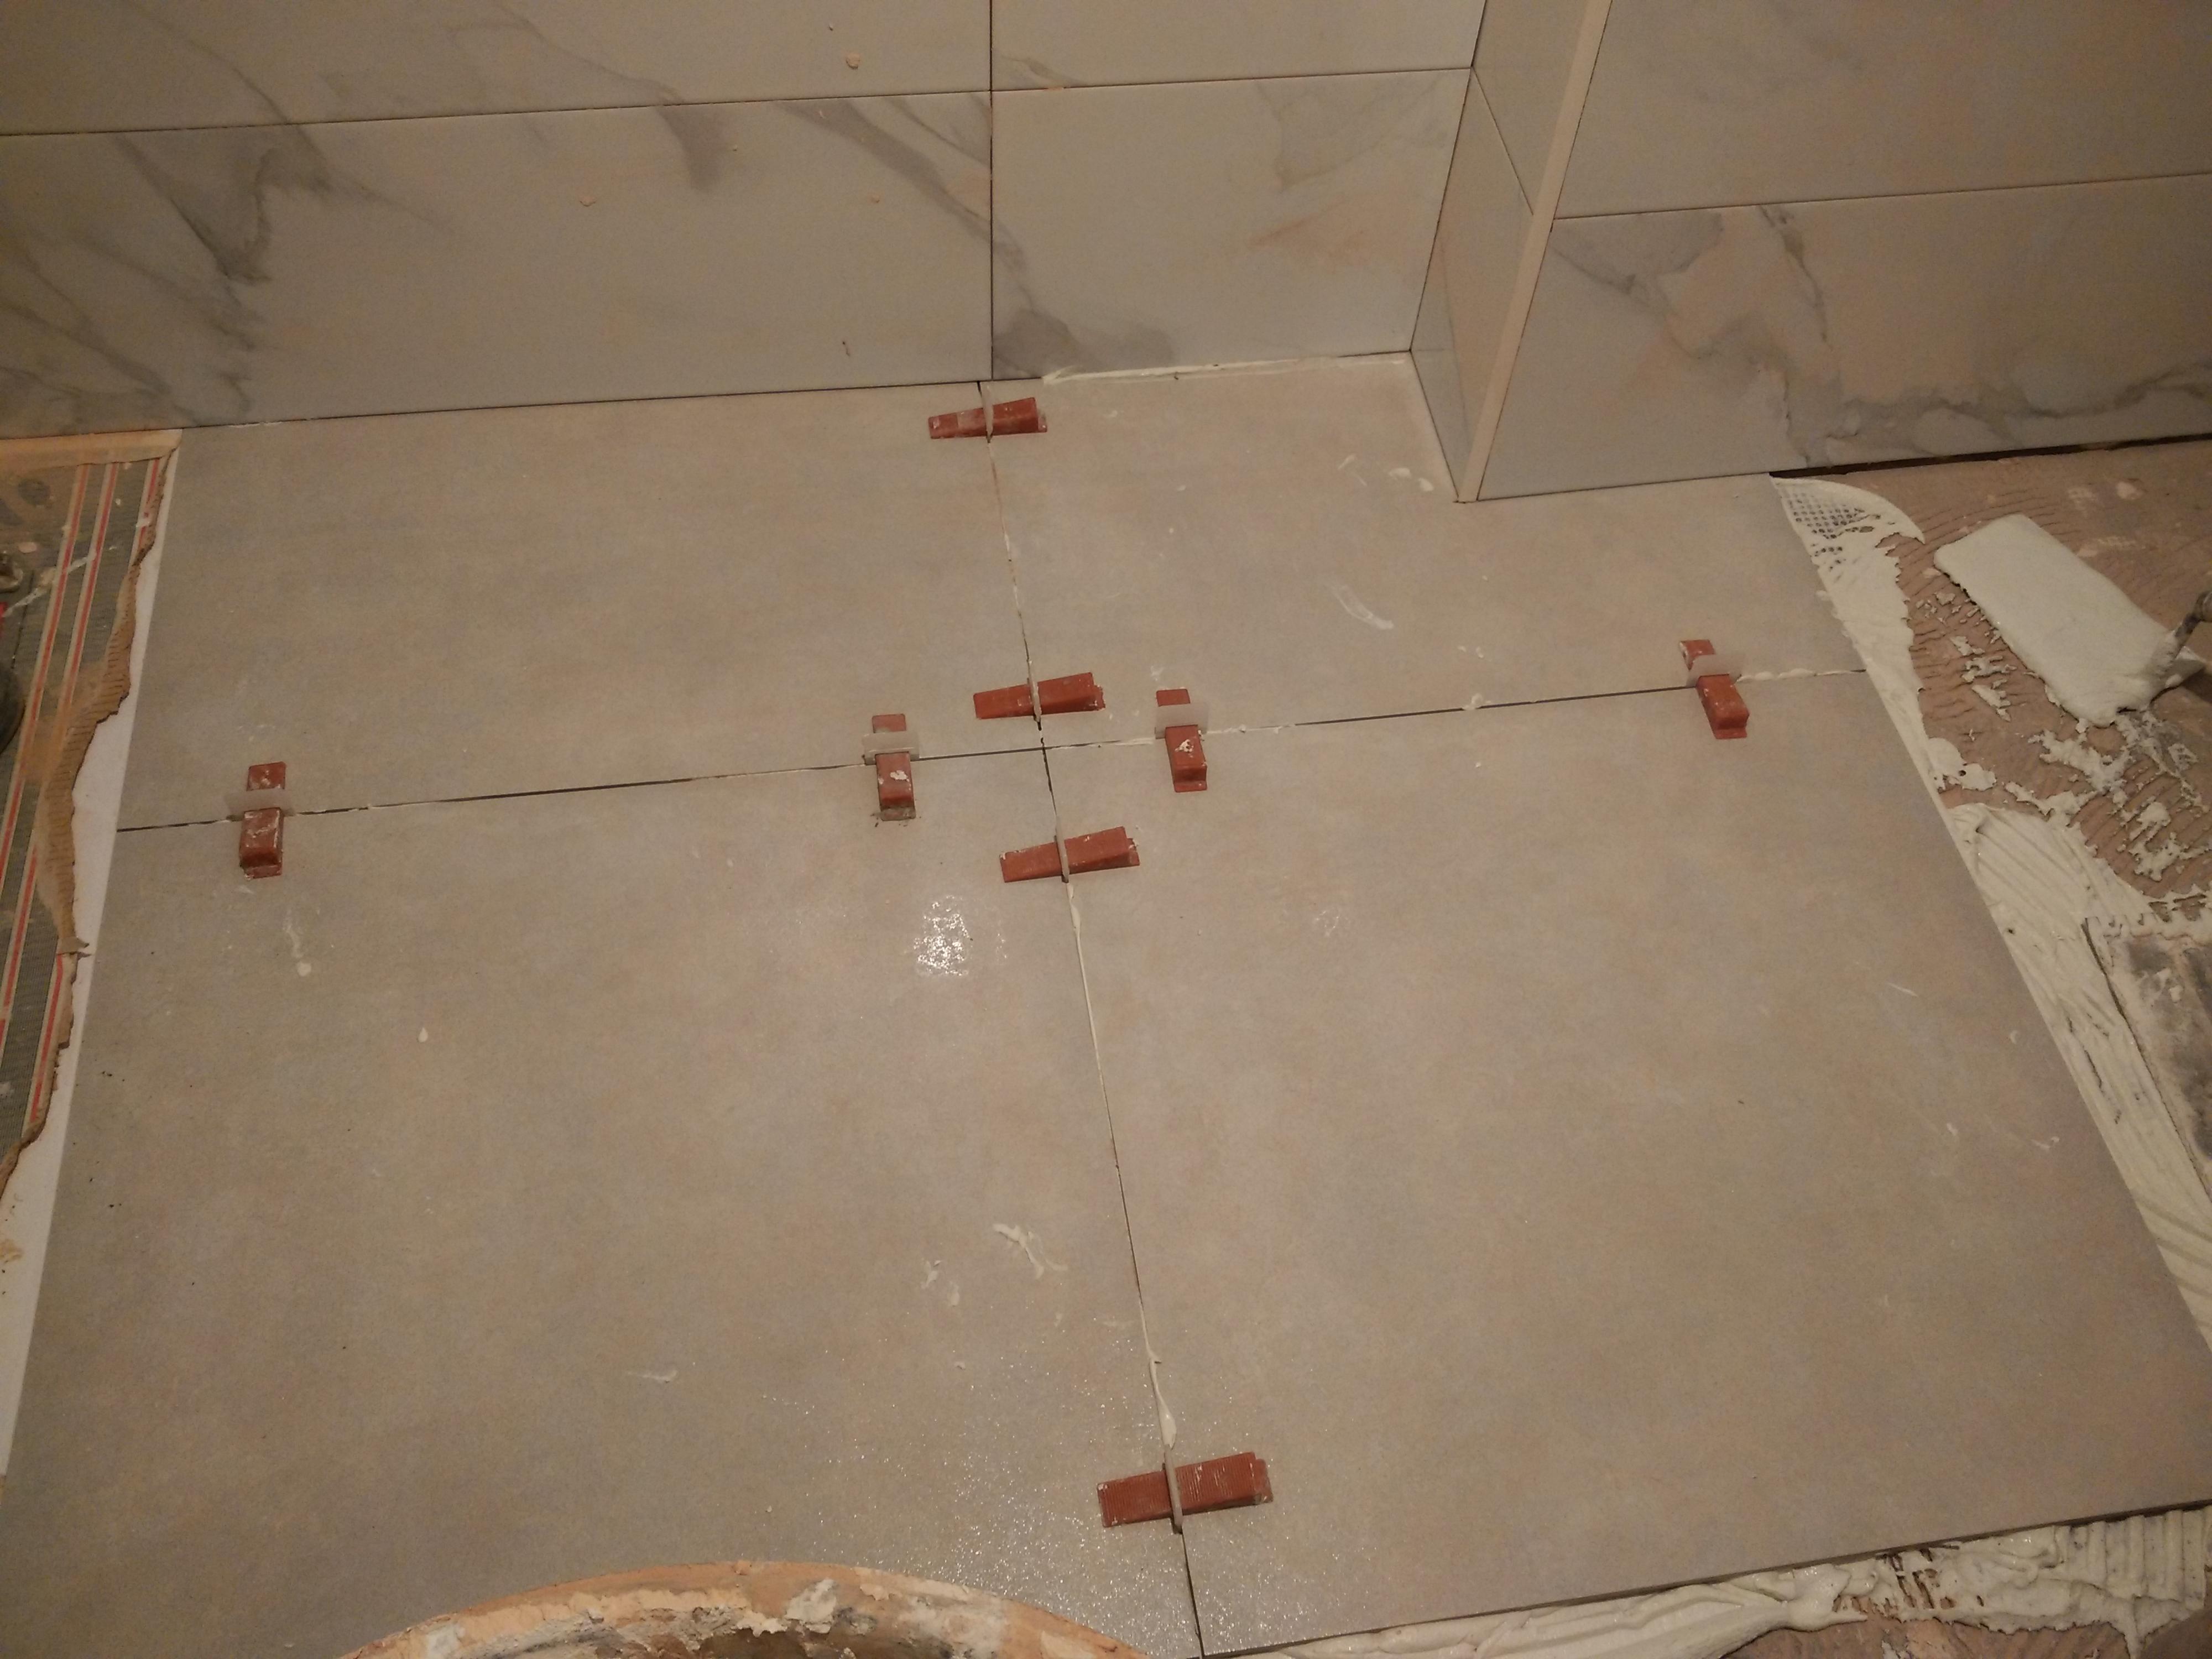 Reforma Baño Quitar Bide:Hemos terminado la reforma integral de un baño en el barrio de Egia